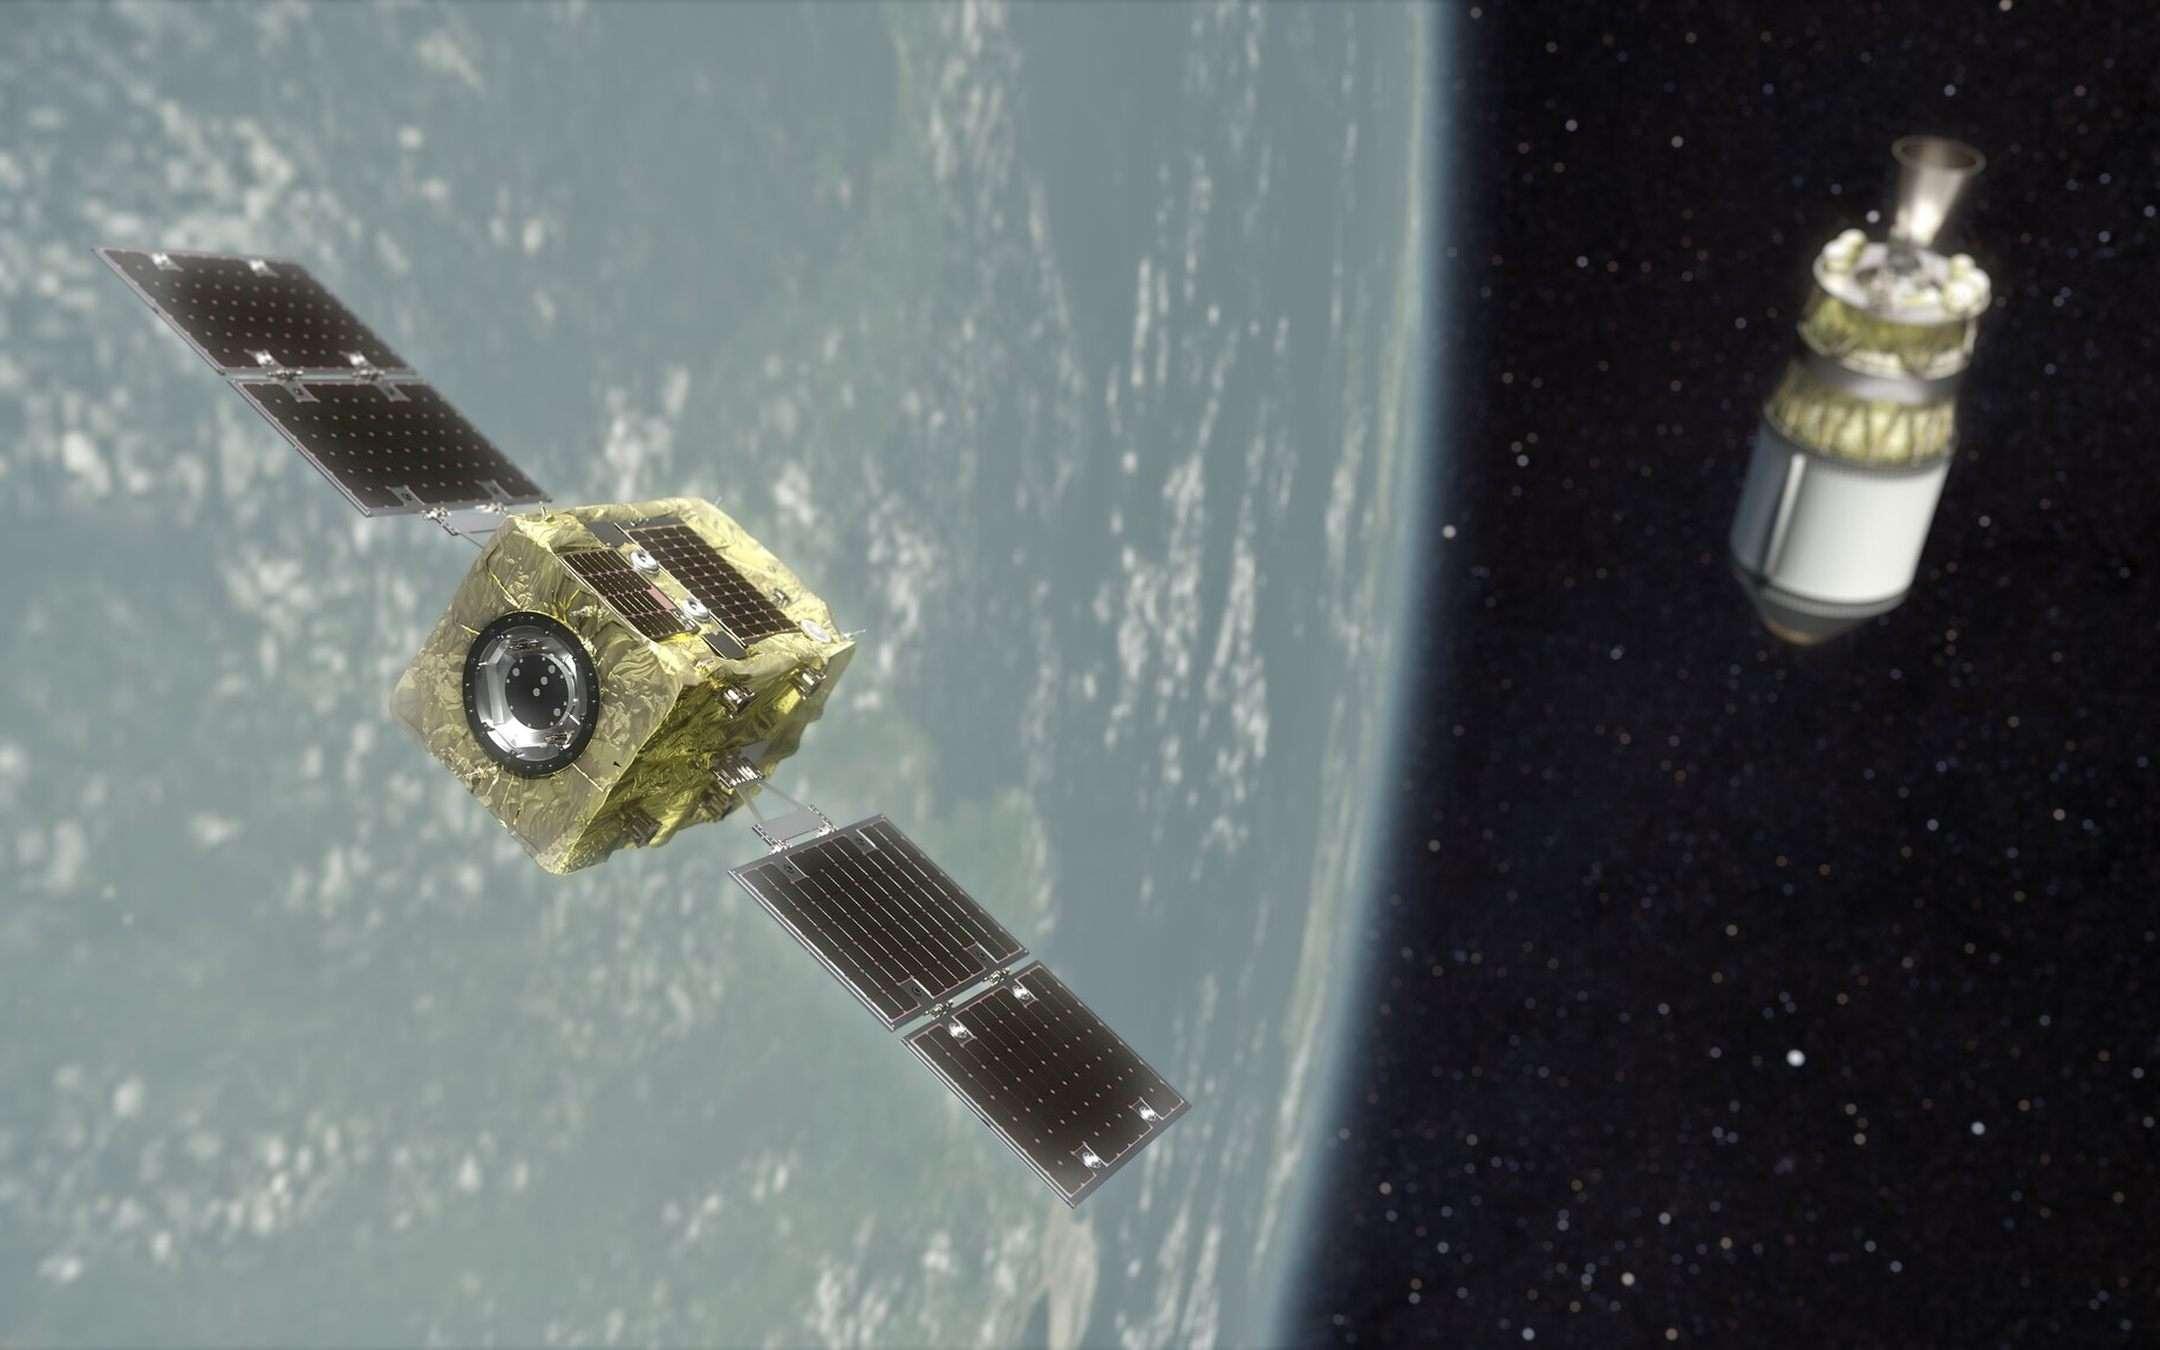 Astroscale ADRAS-J